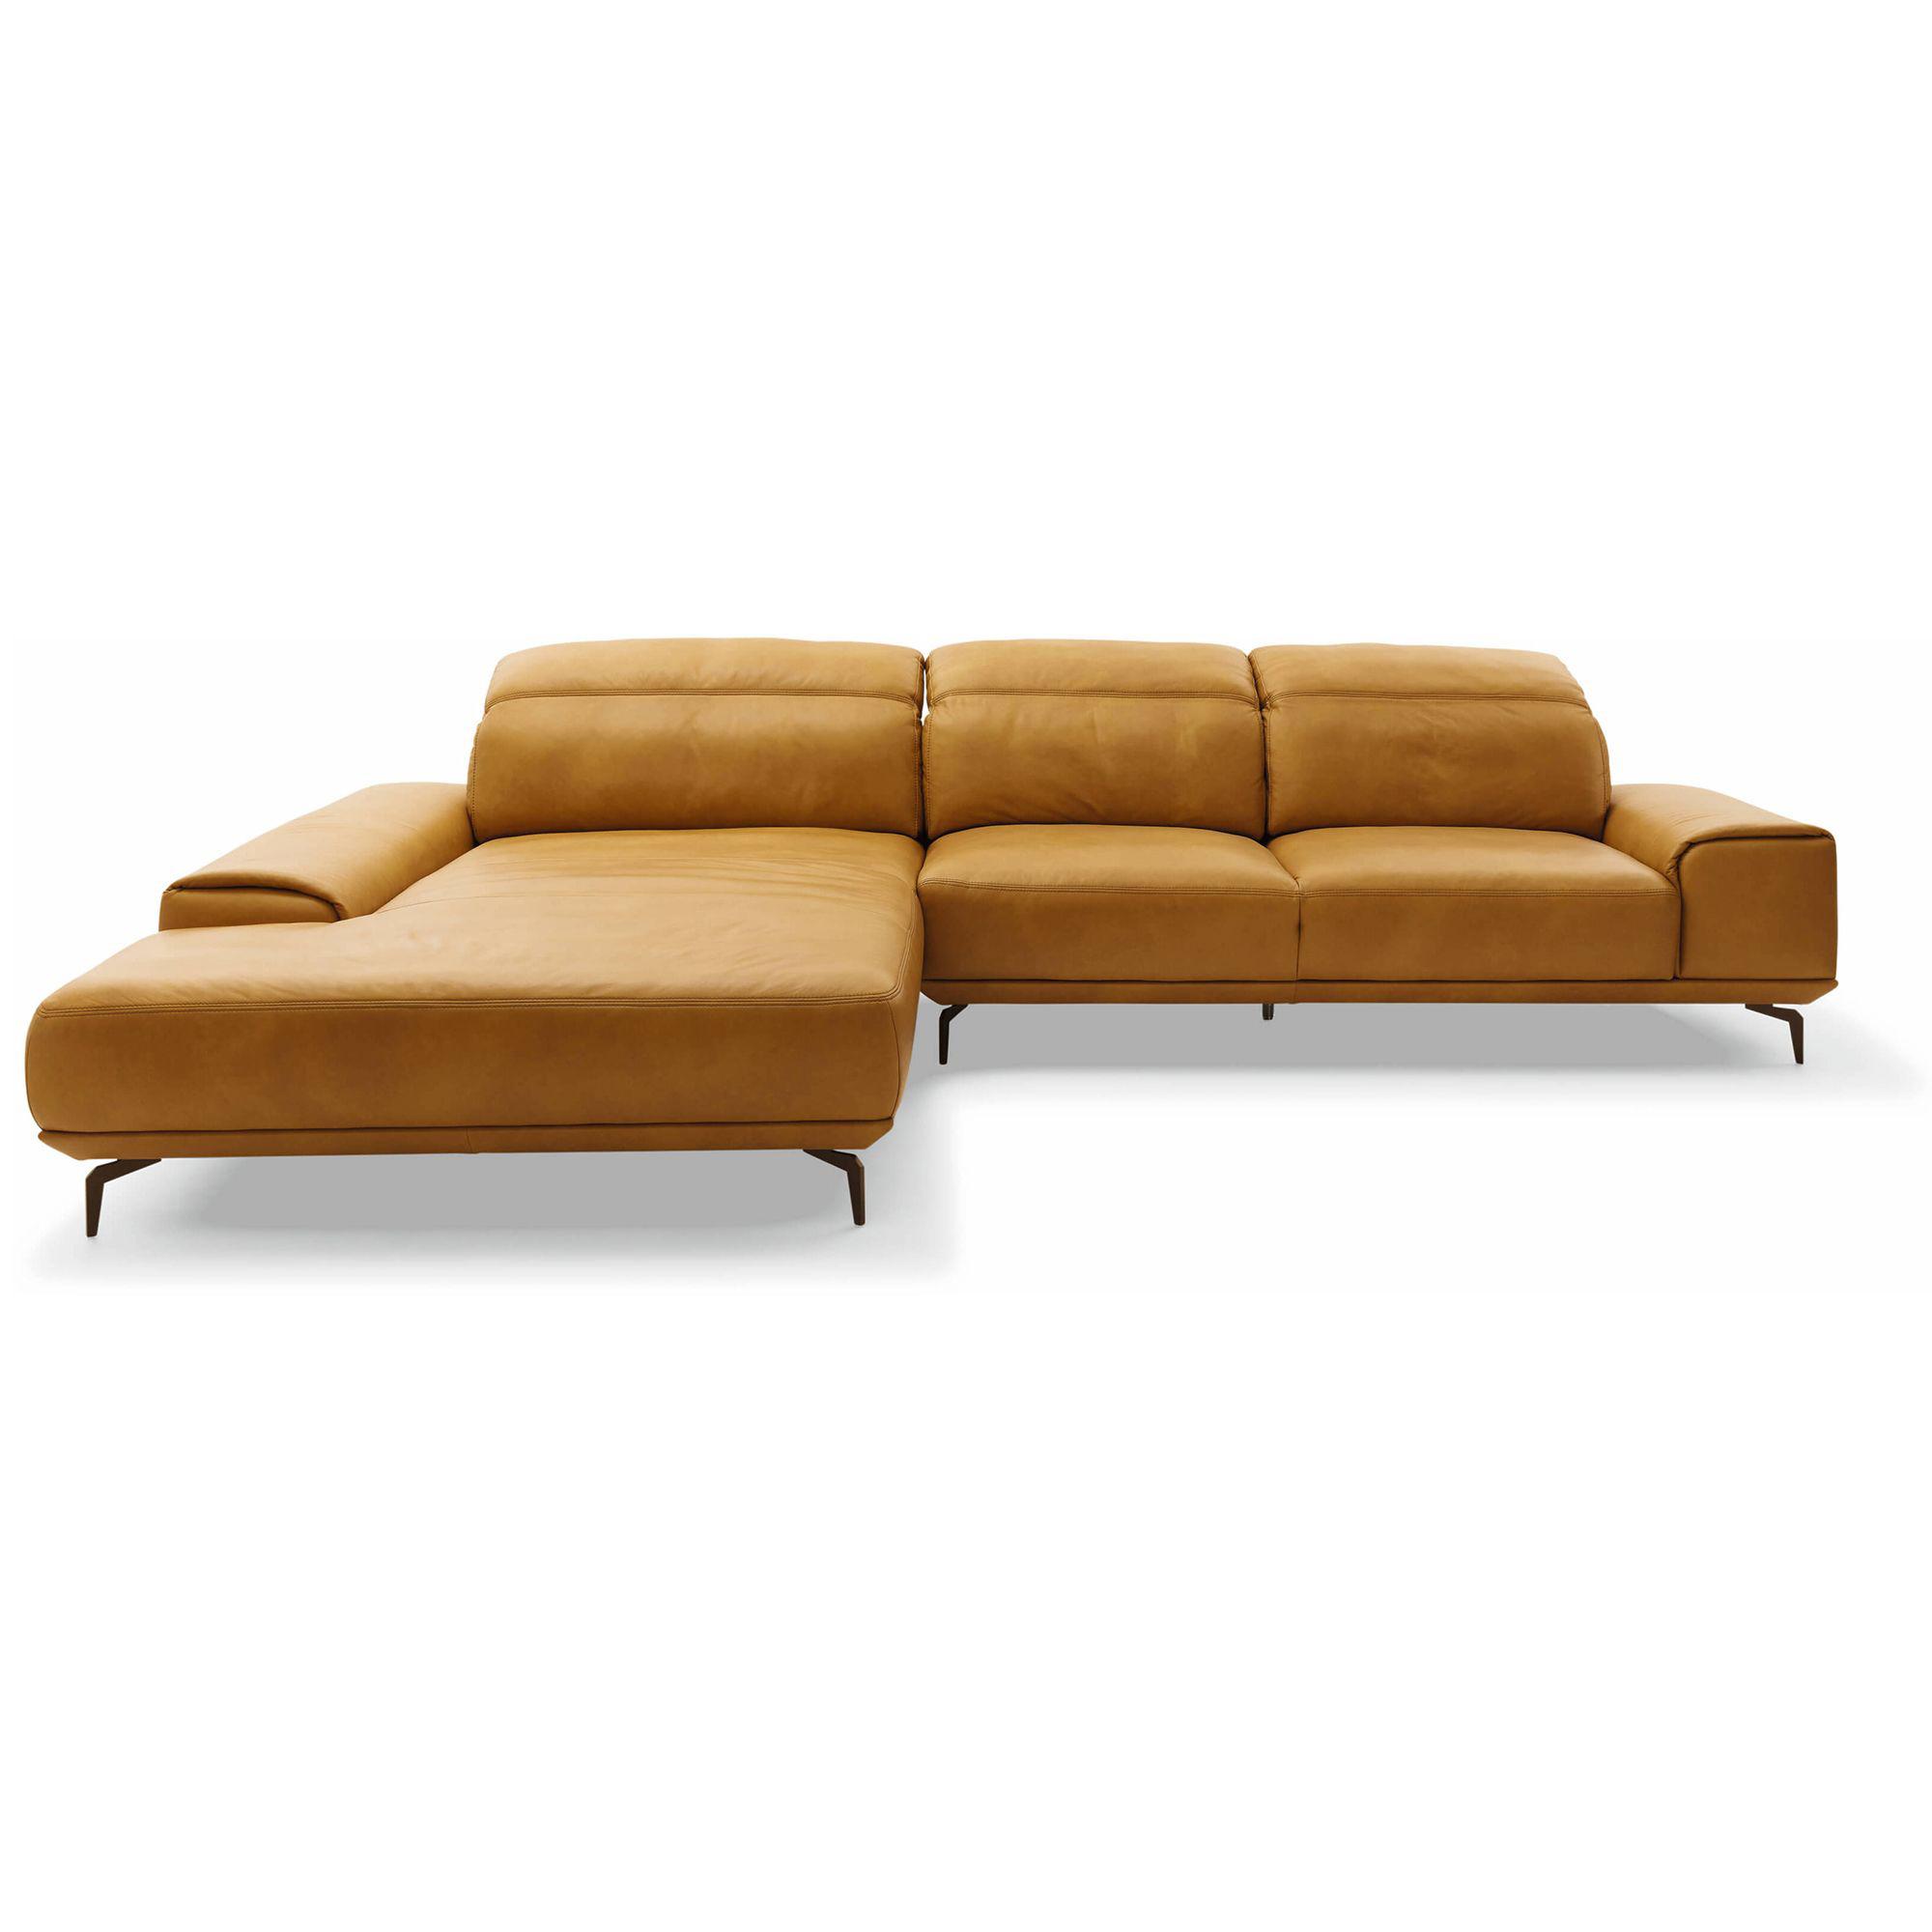 Ecksofa MR 2490 Leder Cognac Longchair Links Mit Elektrischer Schlaffunktion Musterring Sofas Gunstig Kaufen